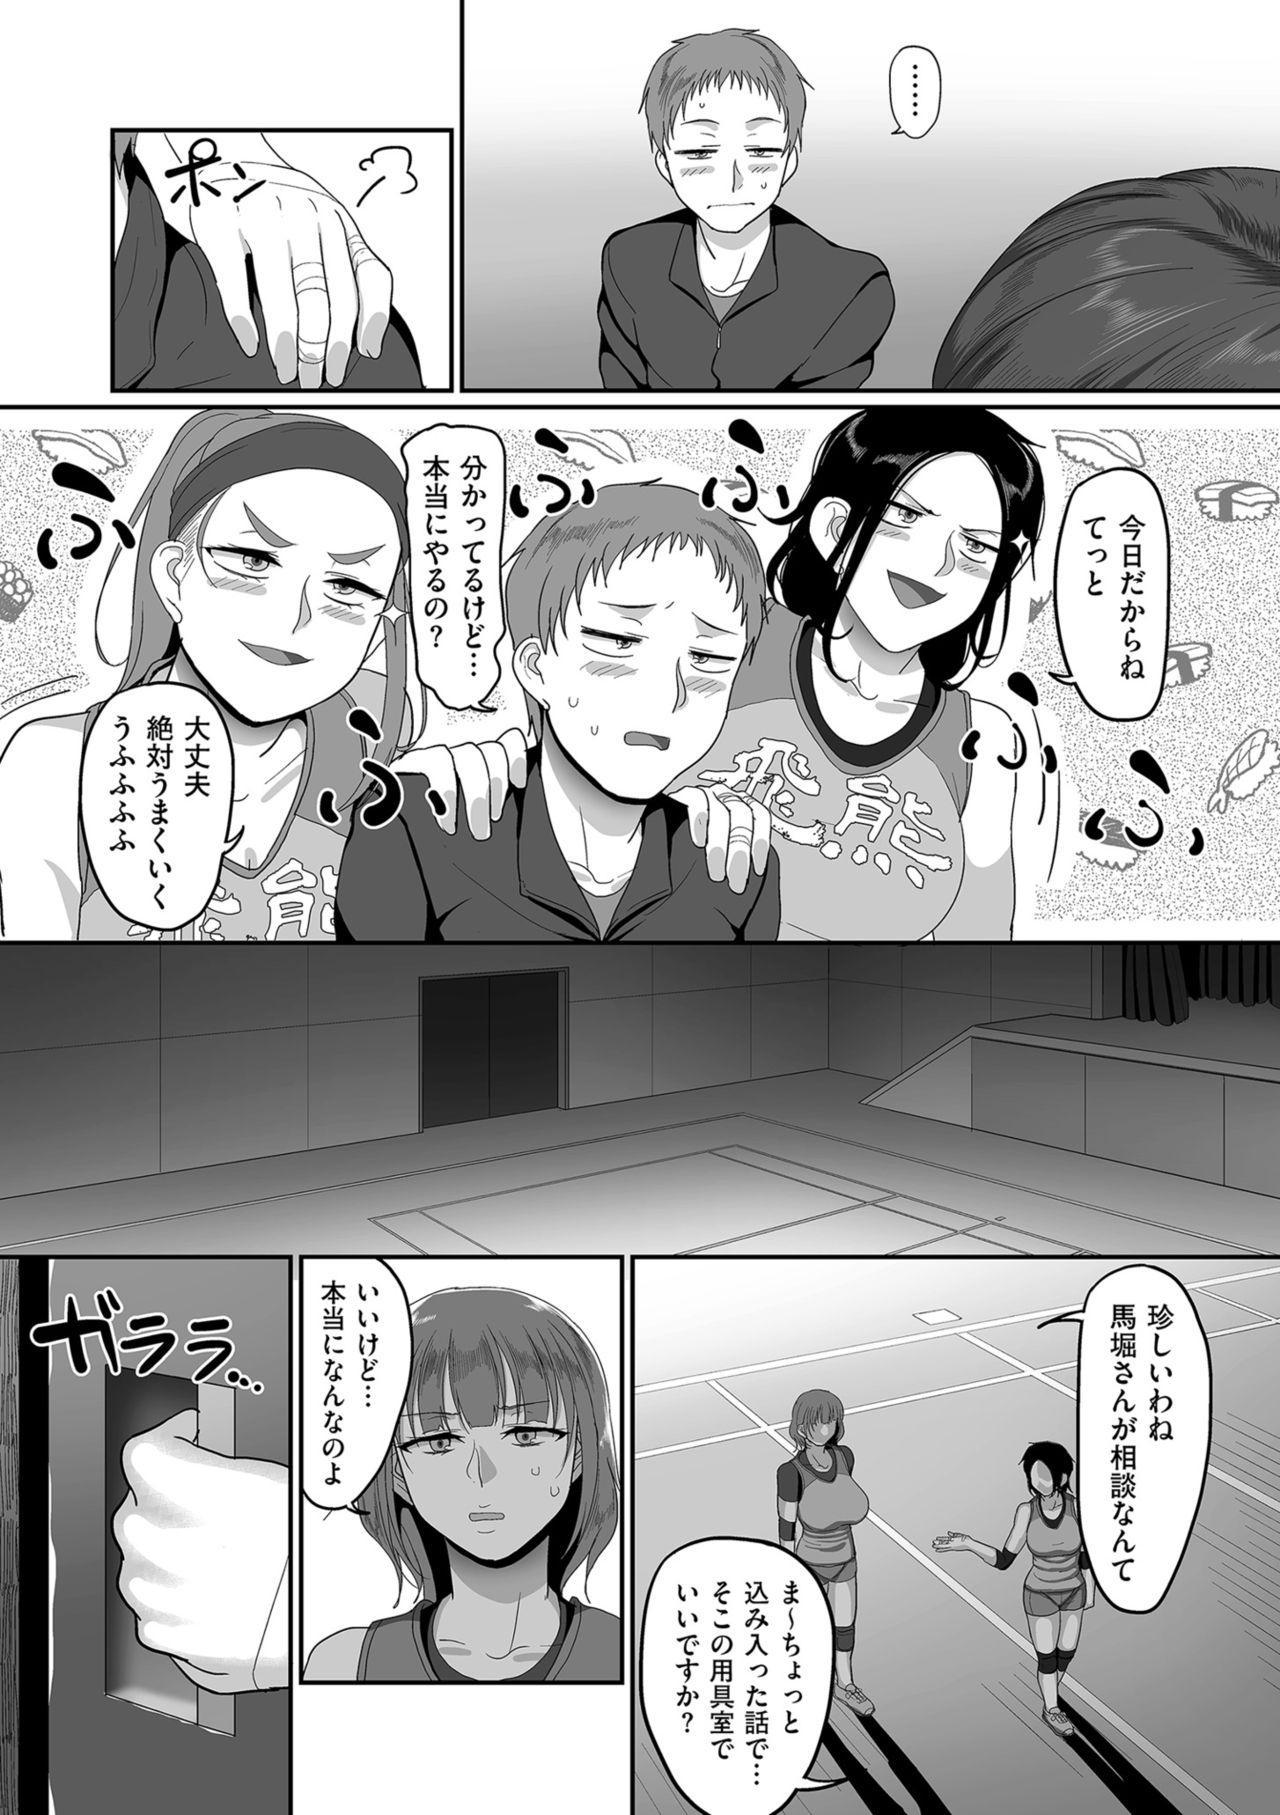 [Yamamoto Zenzen] S-ken K-shi Shakaijin Joshi Volleyball Circle no Jijou [Digital] 60